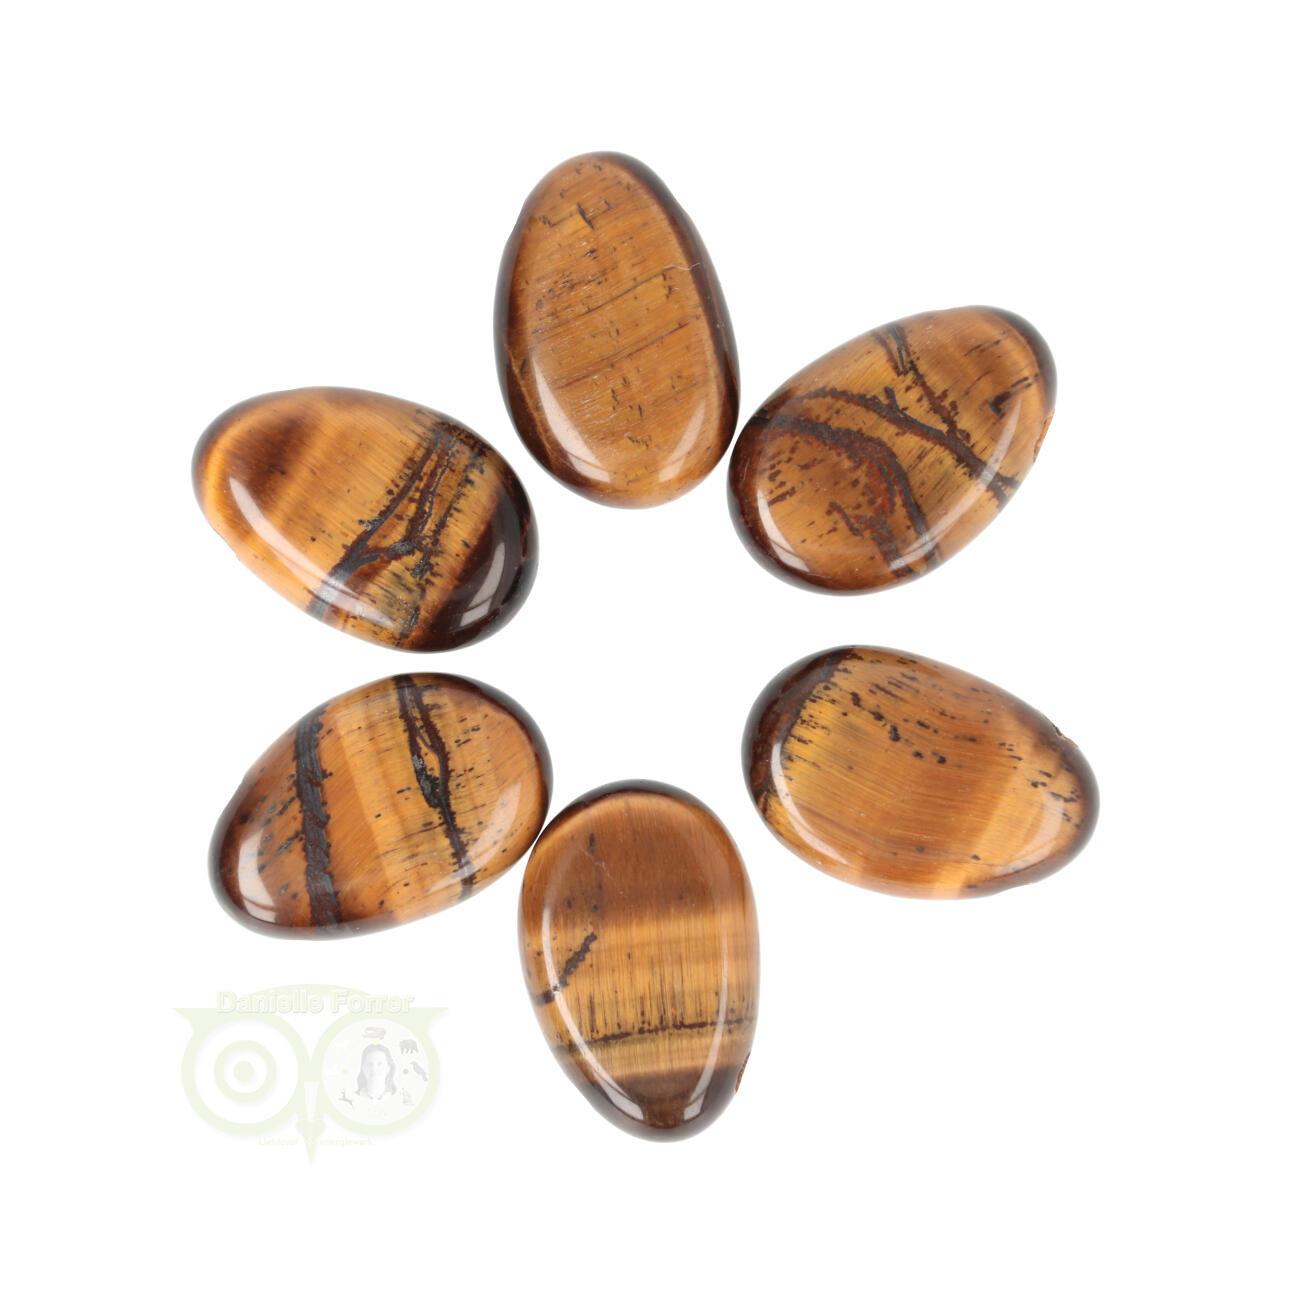 Tijgeroog edelstenen hangers | Tijgeroog sieraden kopen | Edelstenen Webwinkel - Webshop Danielle Forrer